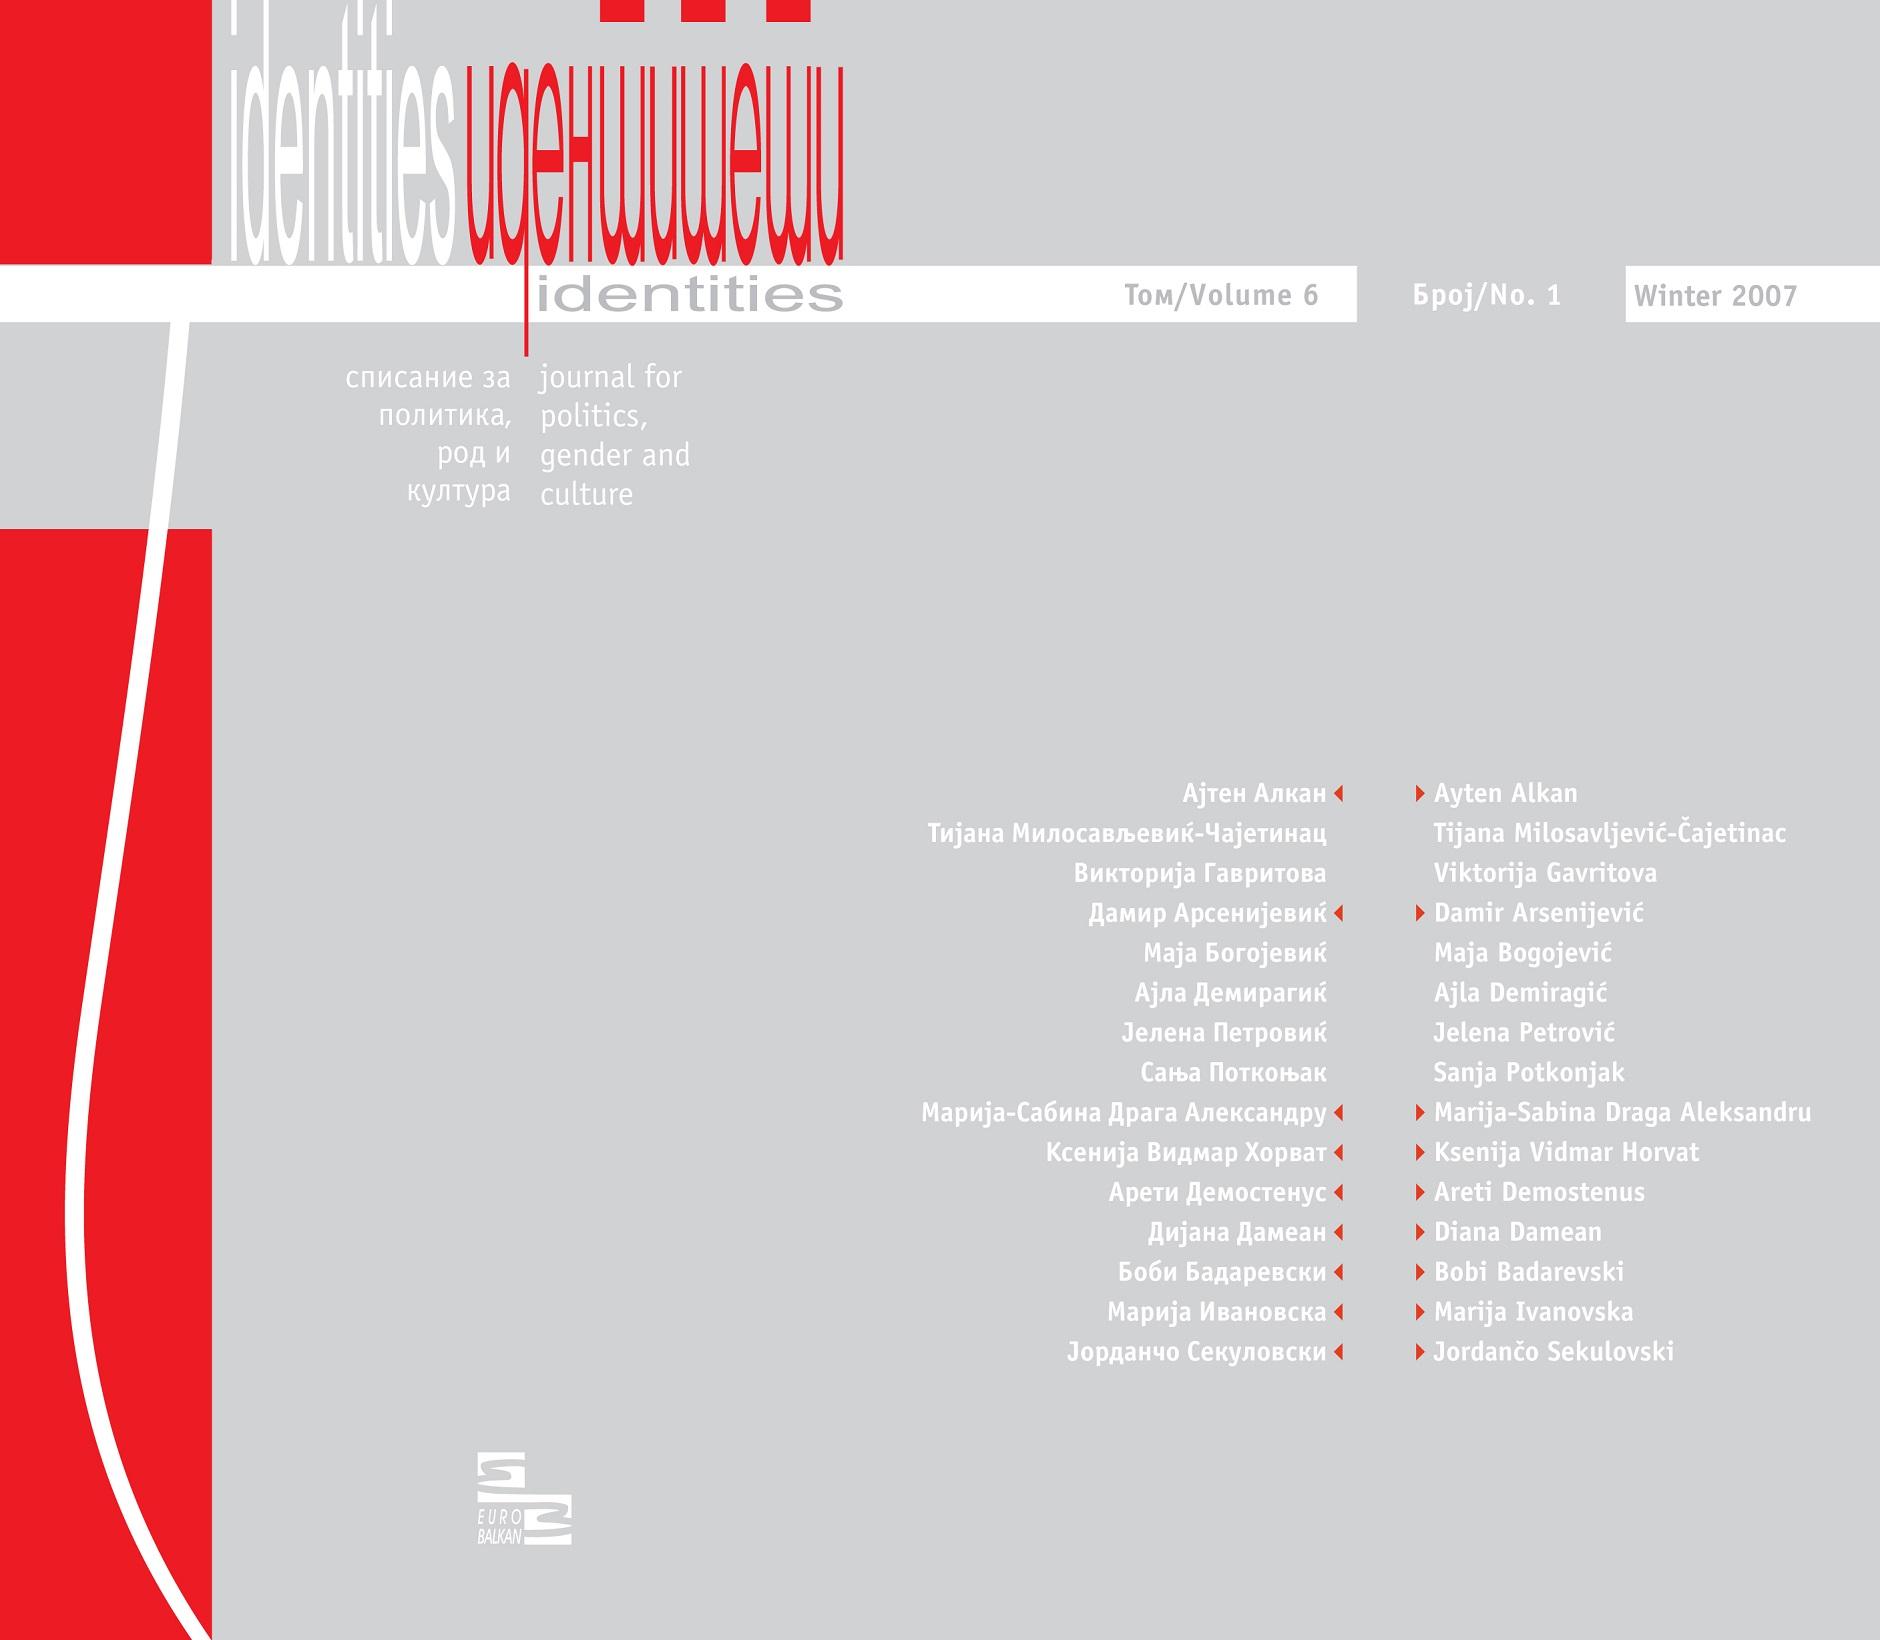 View Vol. 6 No. 1 (2007): Vol. 6, No. 1 (Winter 2007) - Issue No. 12